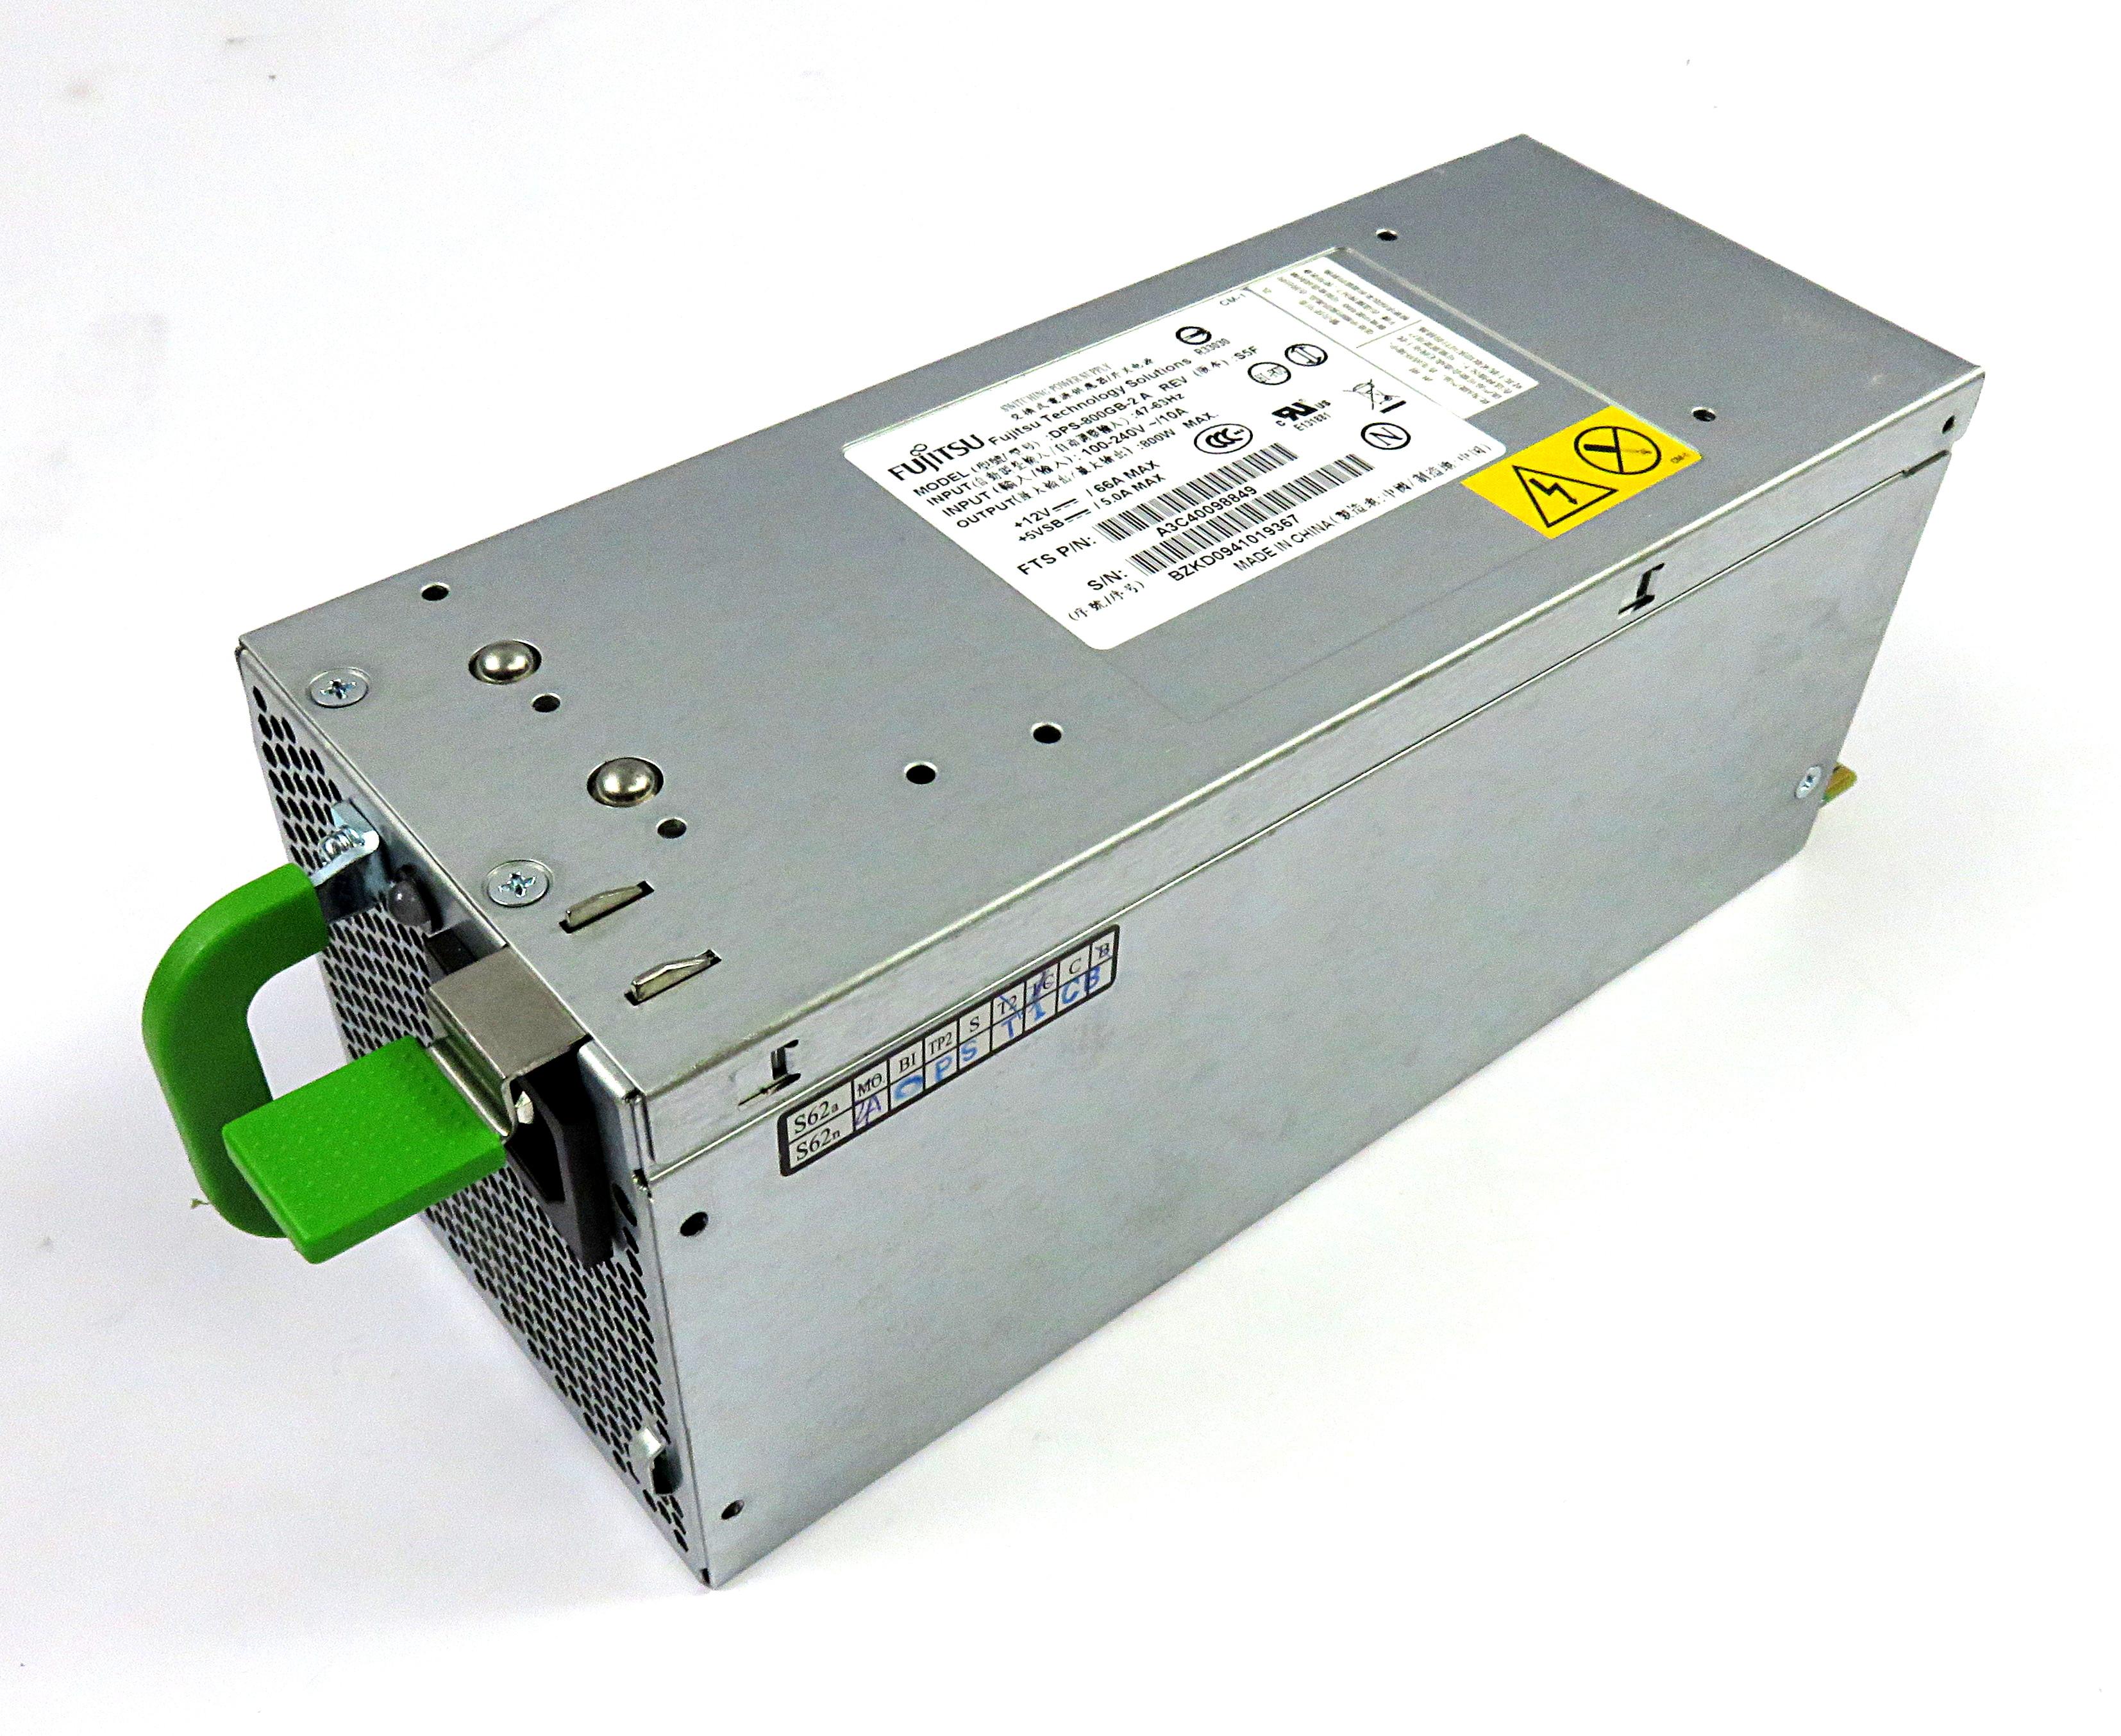 Fujitsu A3C40098849 Primergy TX200/TX300 800W PSU - DPS-800GB-2